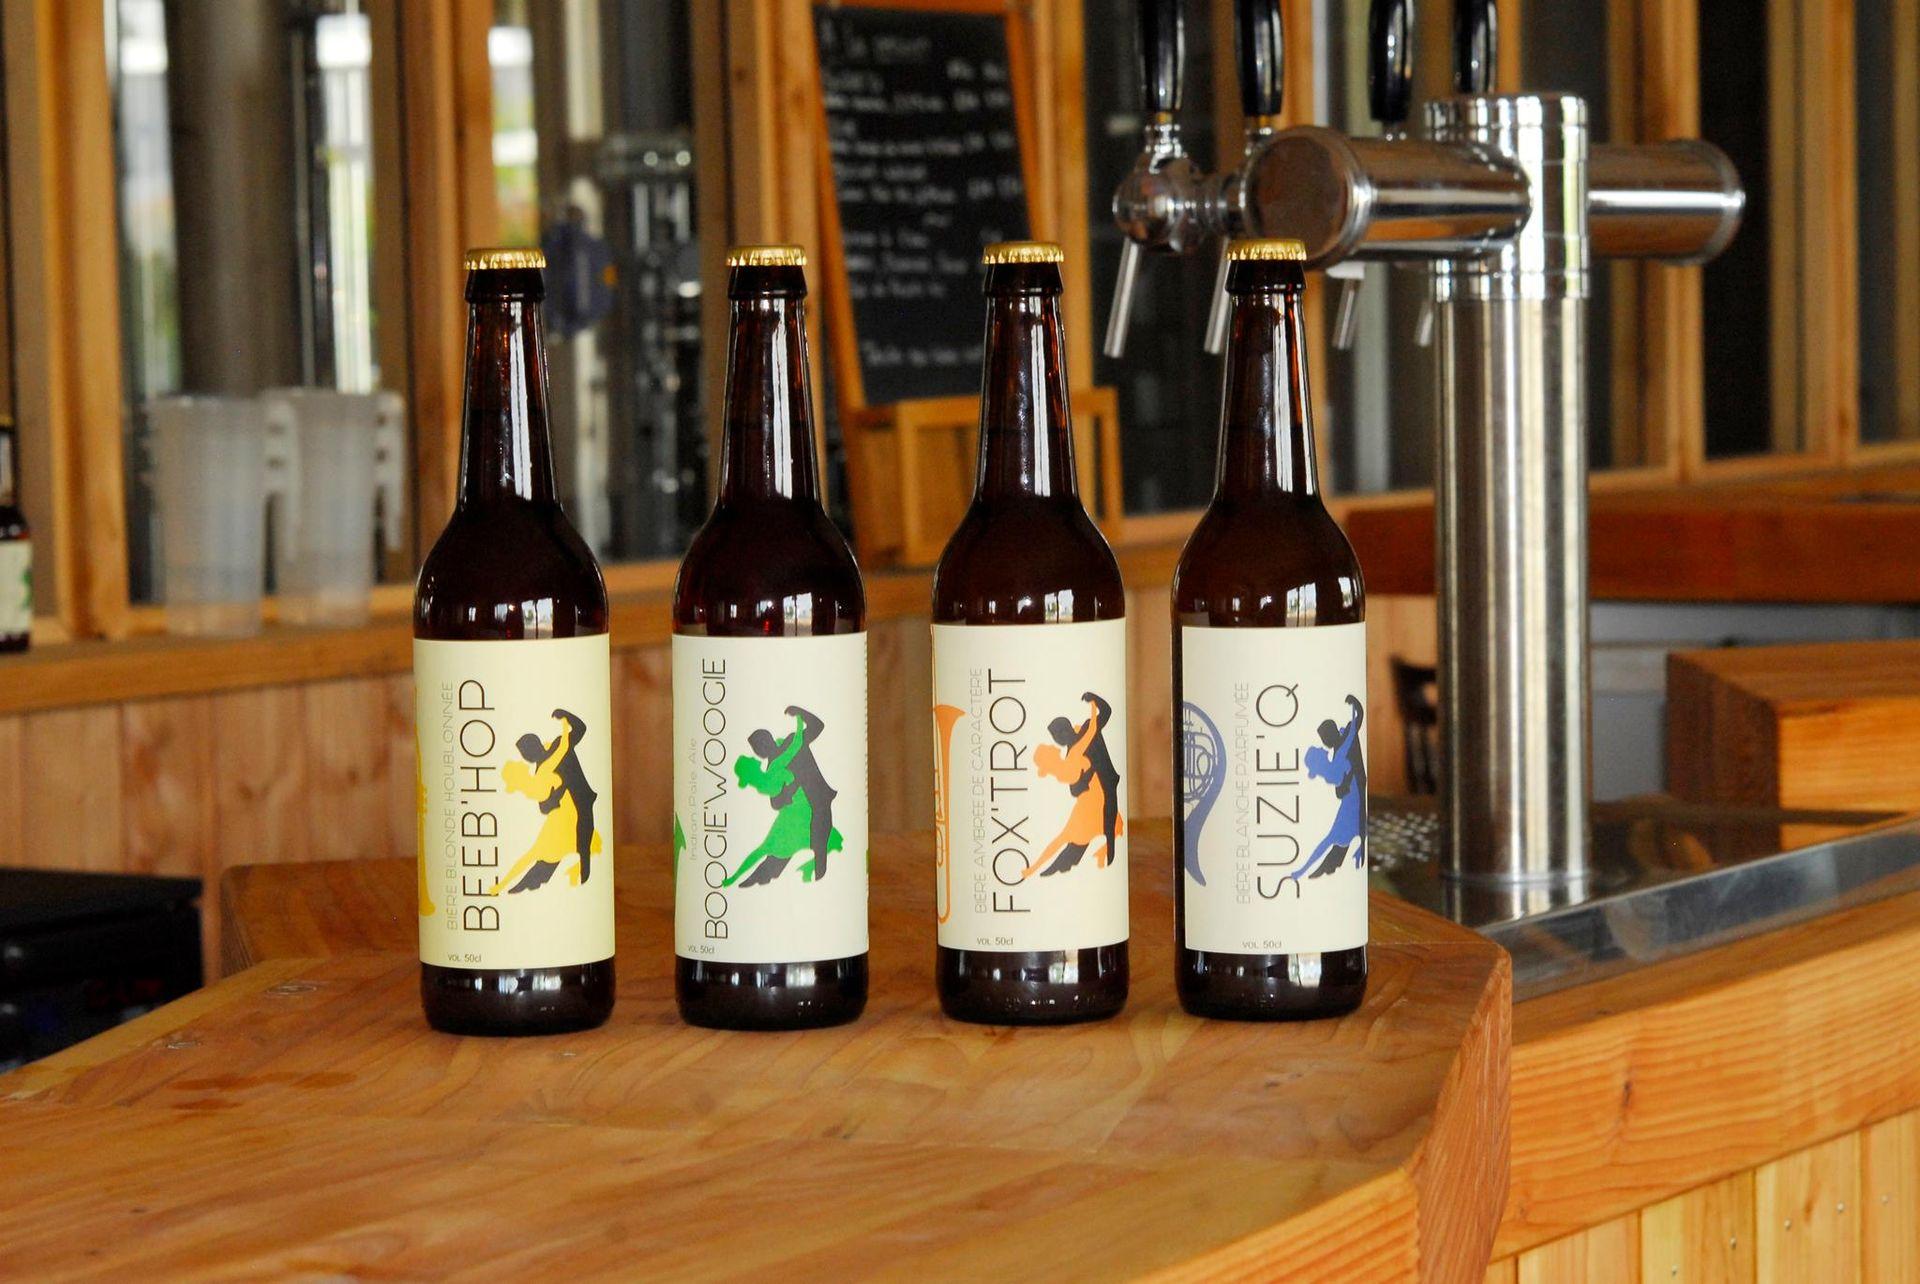 Montblanc - Bières artisanales de la brasserie Kiss'Wing